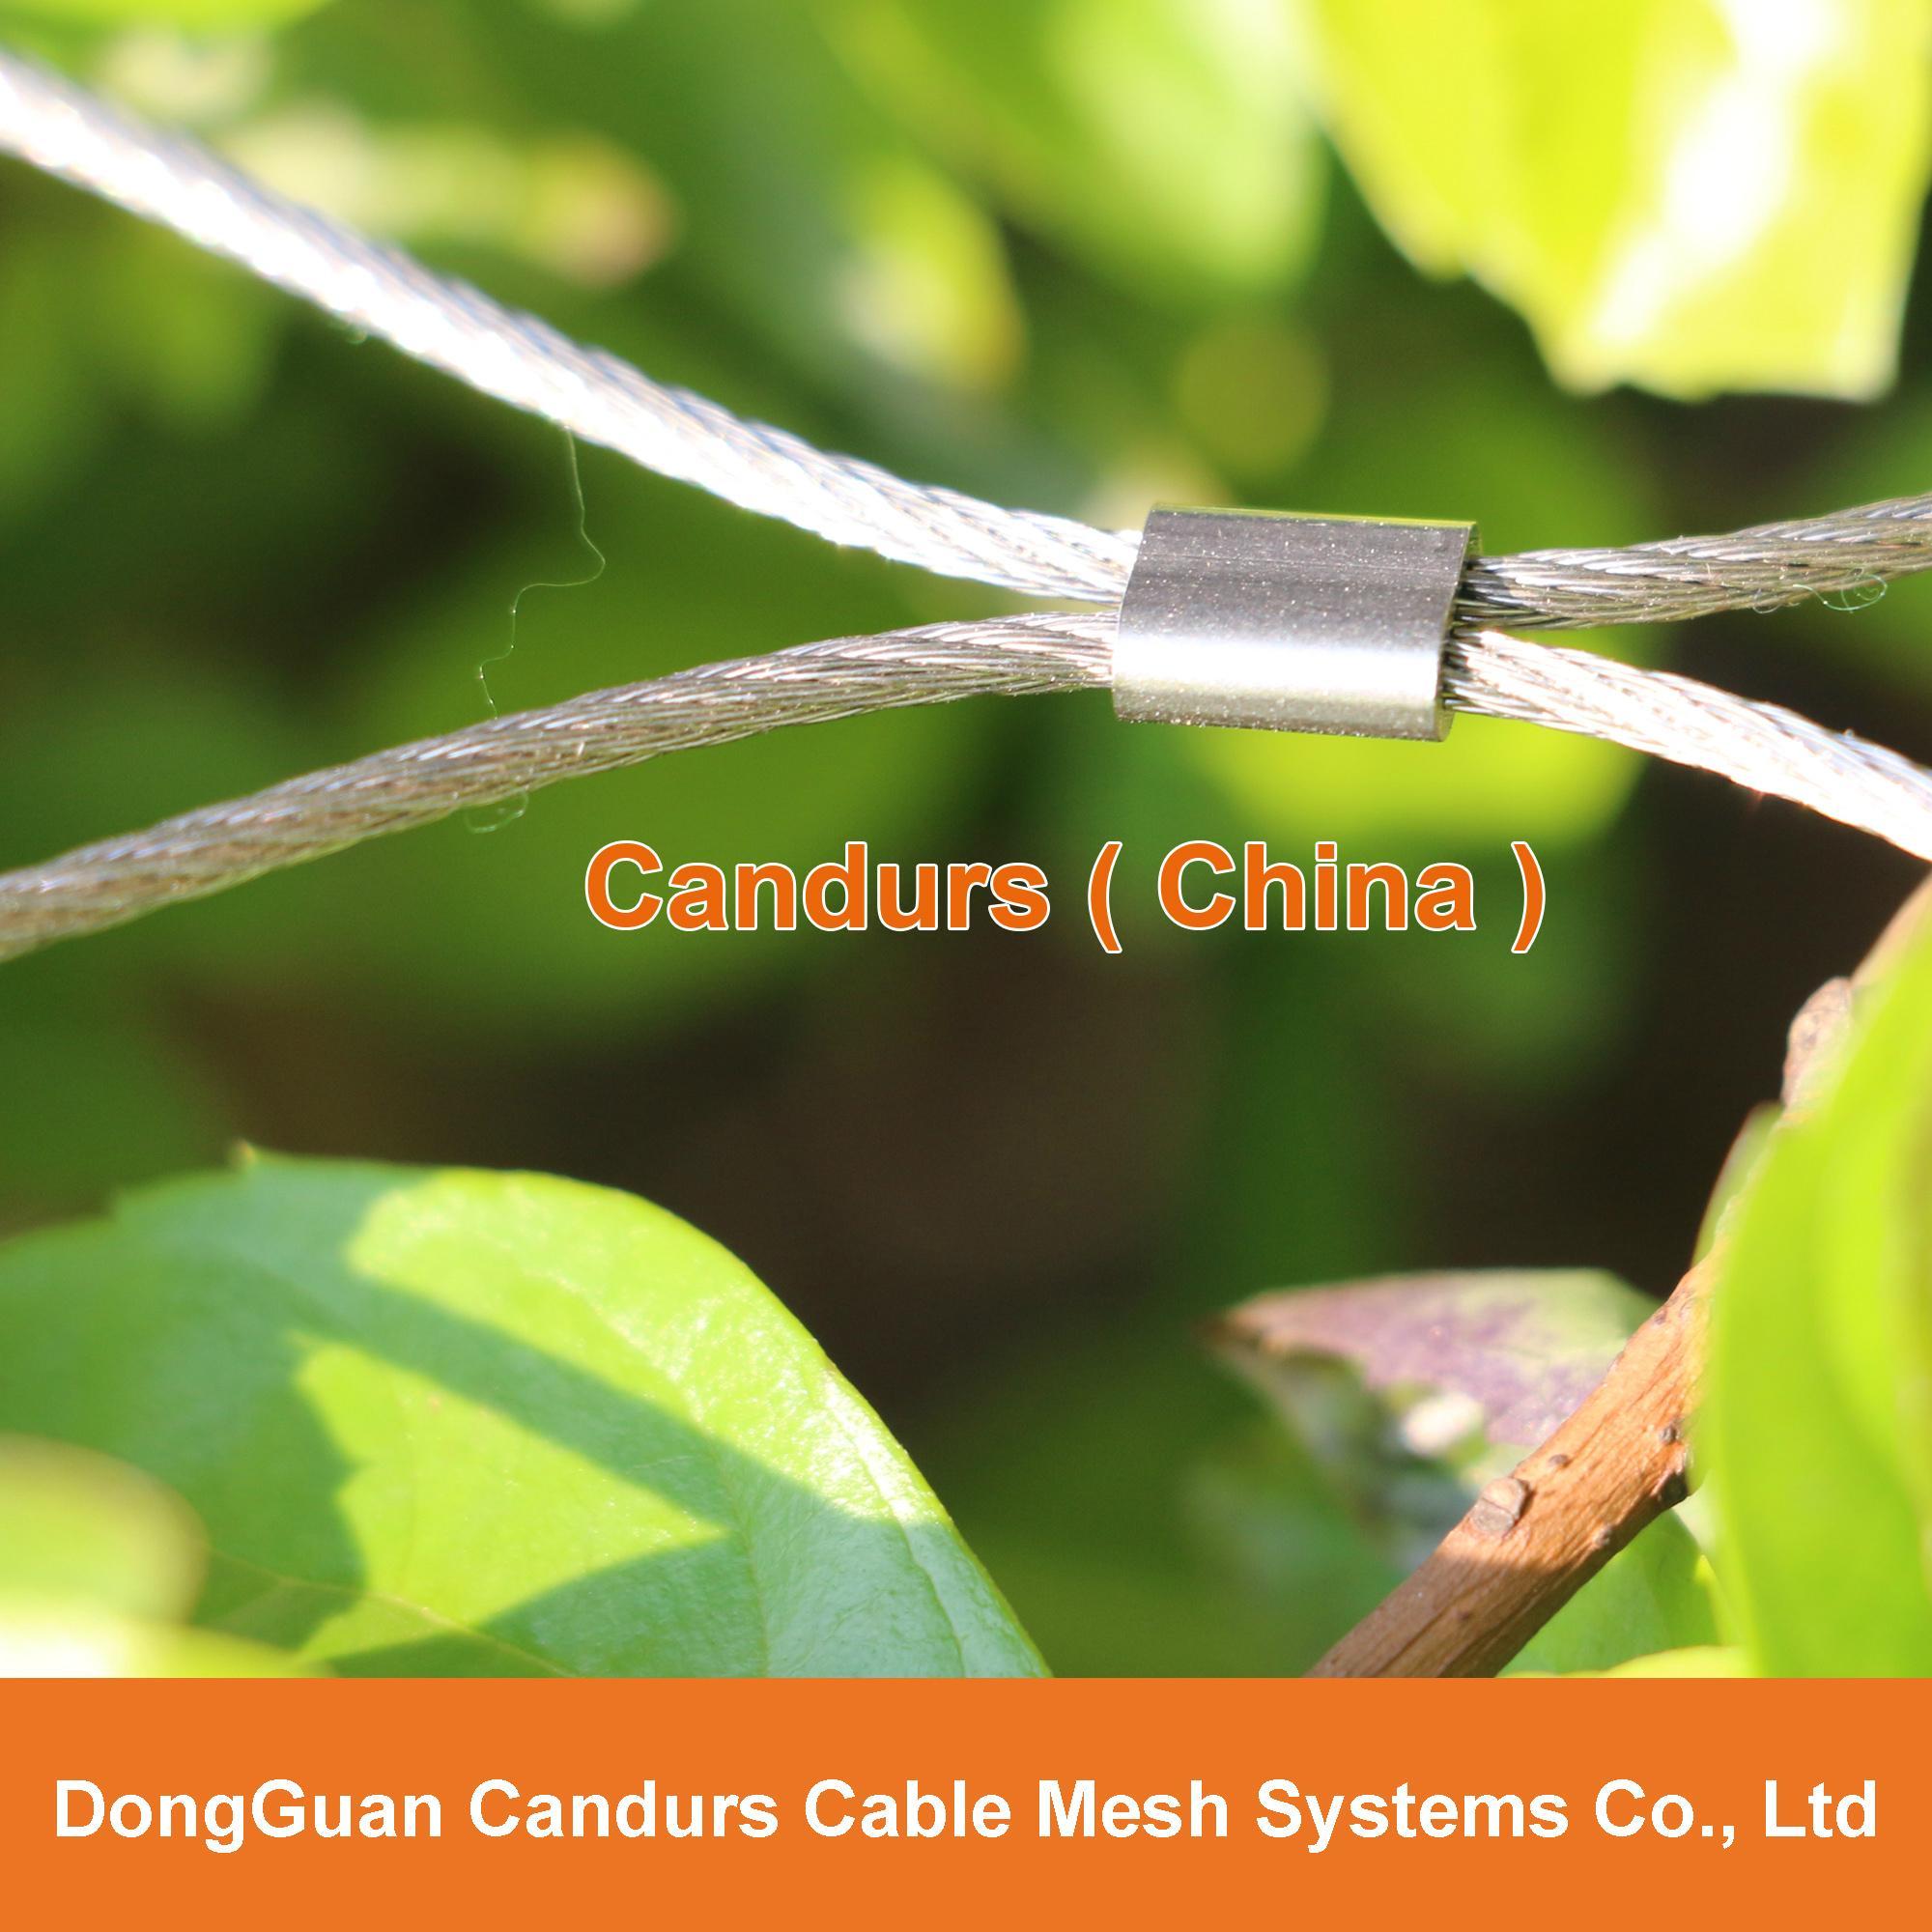 屋顶安全防护不锈钢绳网 8